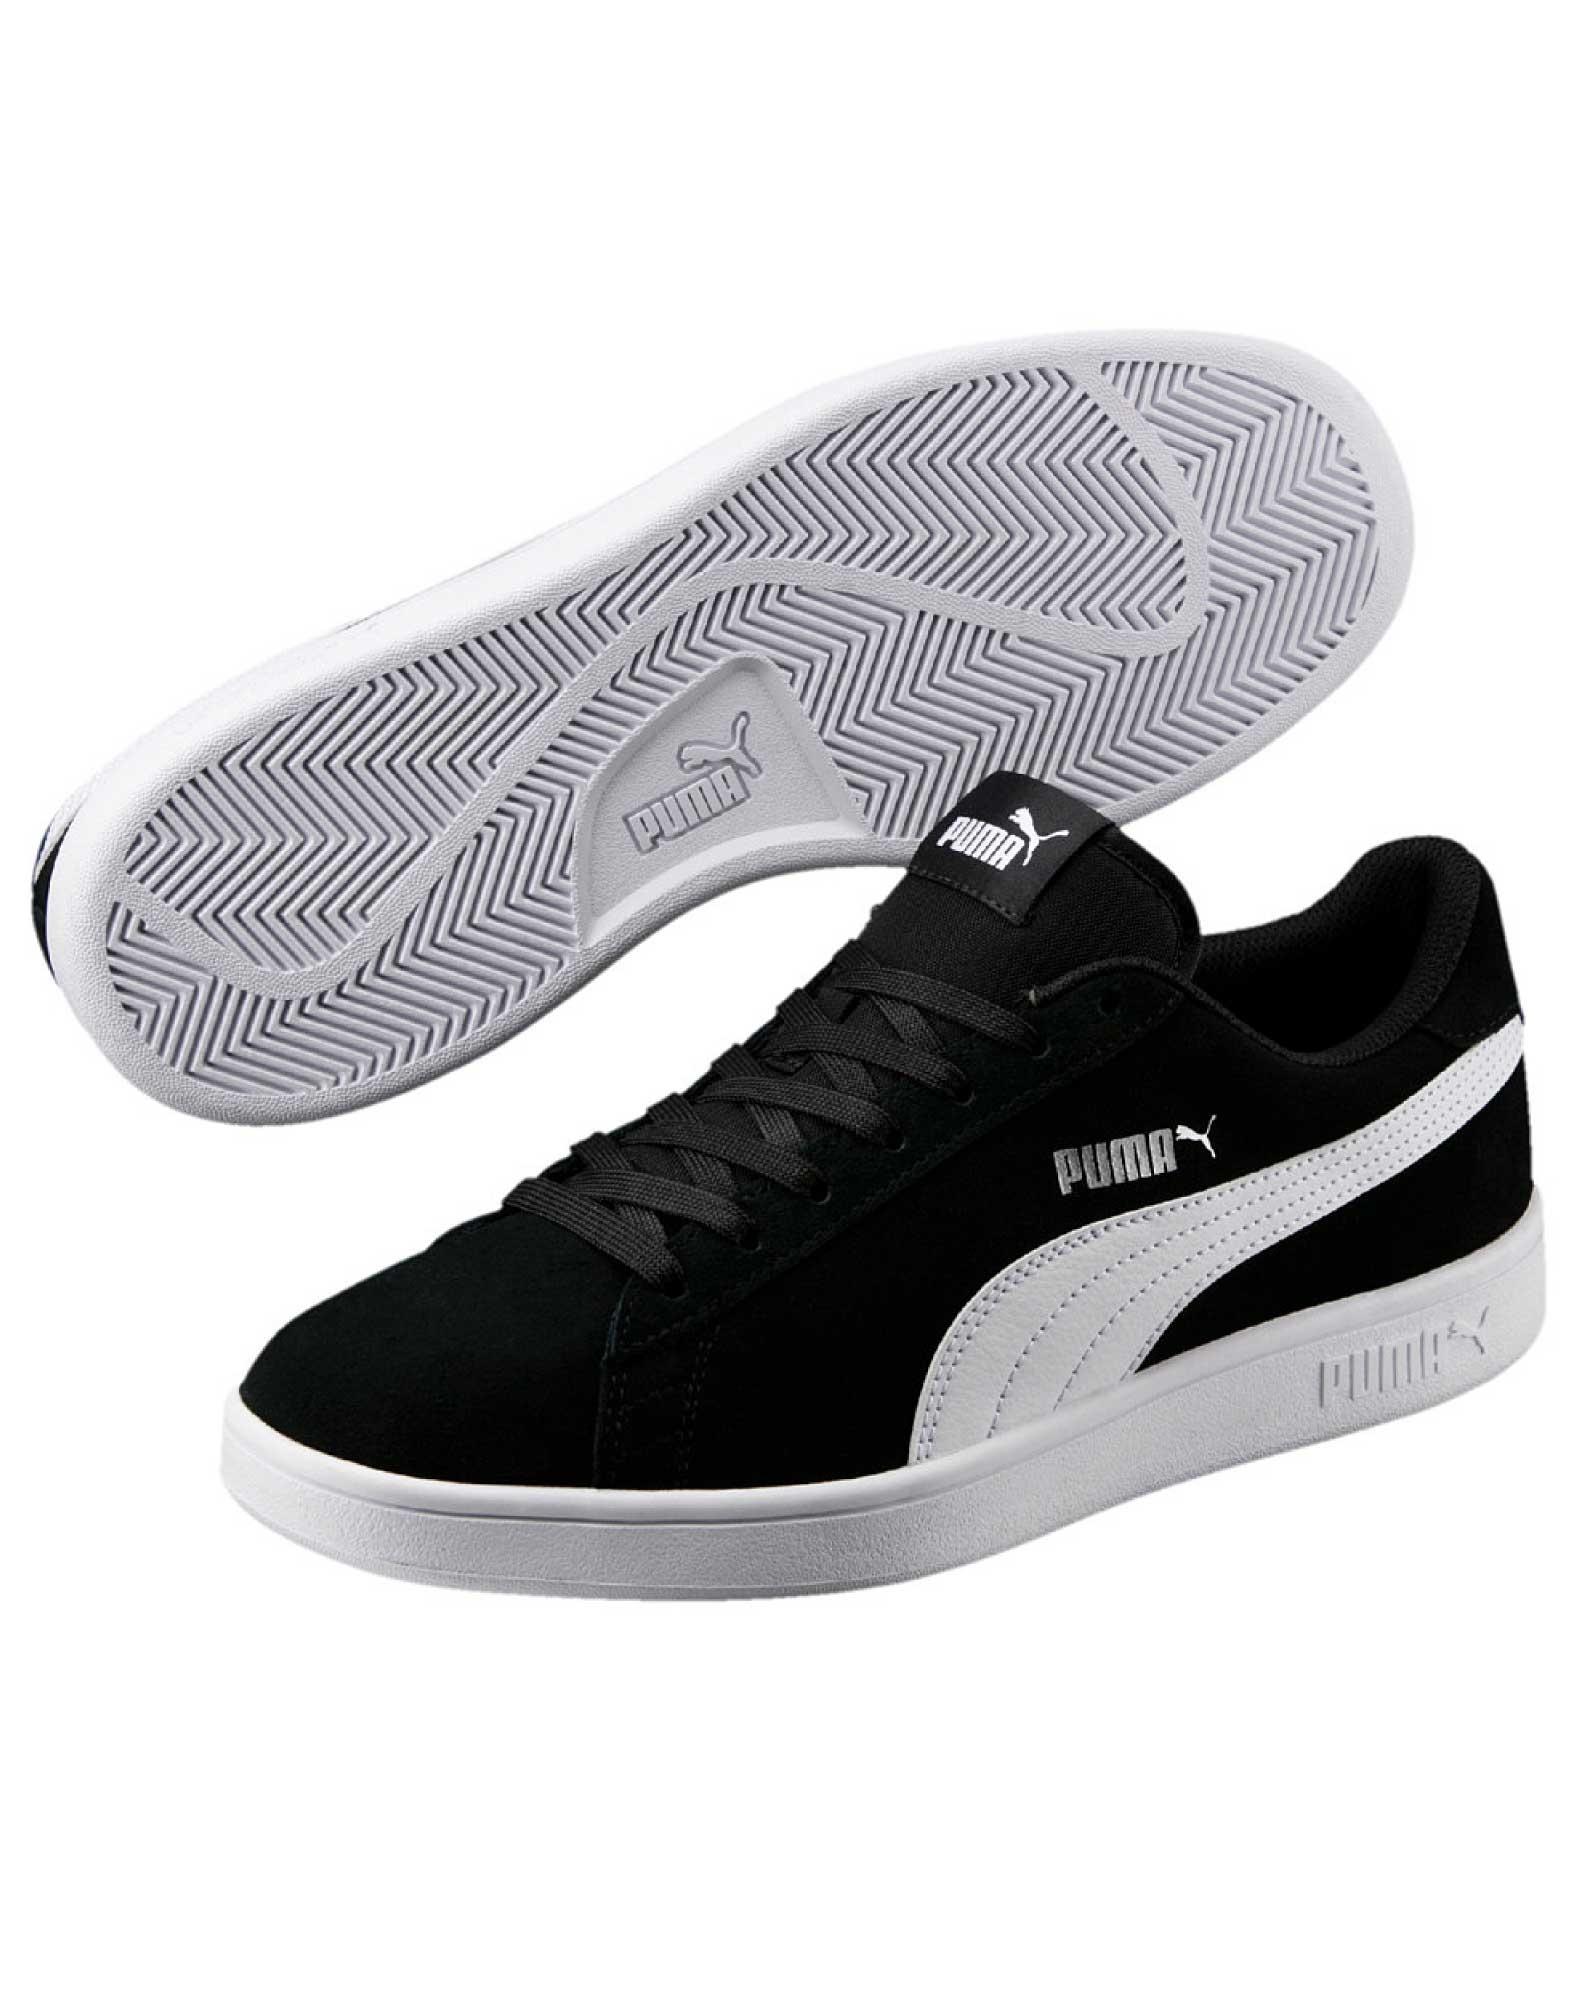 8573a1163c98 Køb Puma Sneakers Smash v2 Sort-Hvid Unisex online